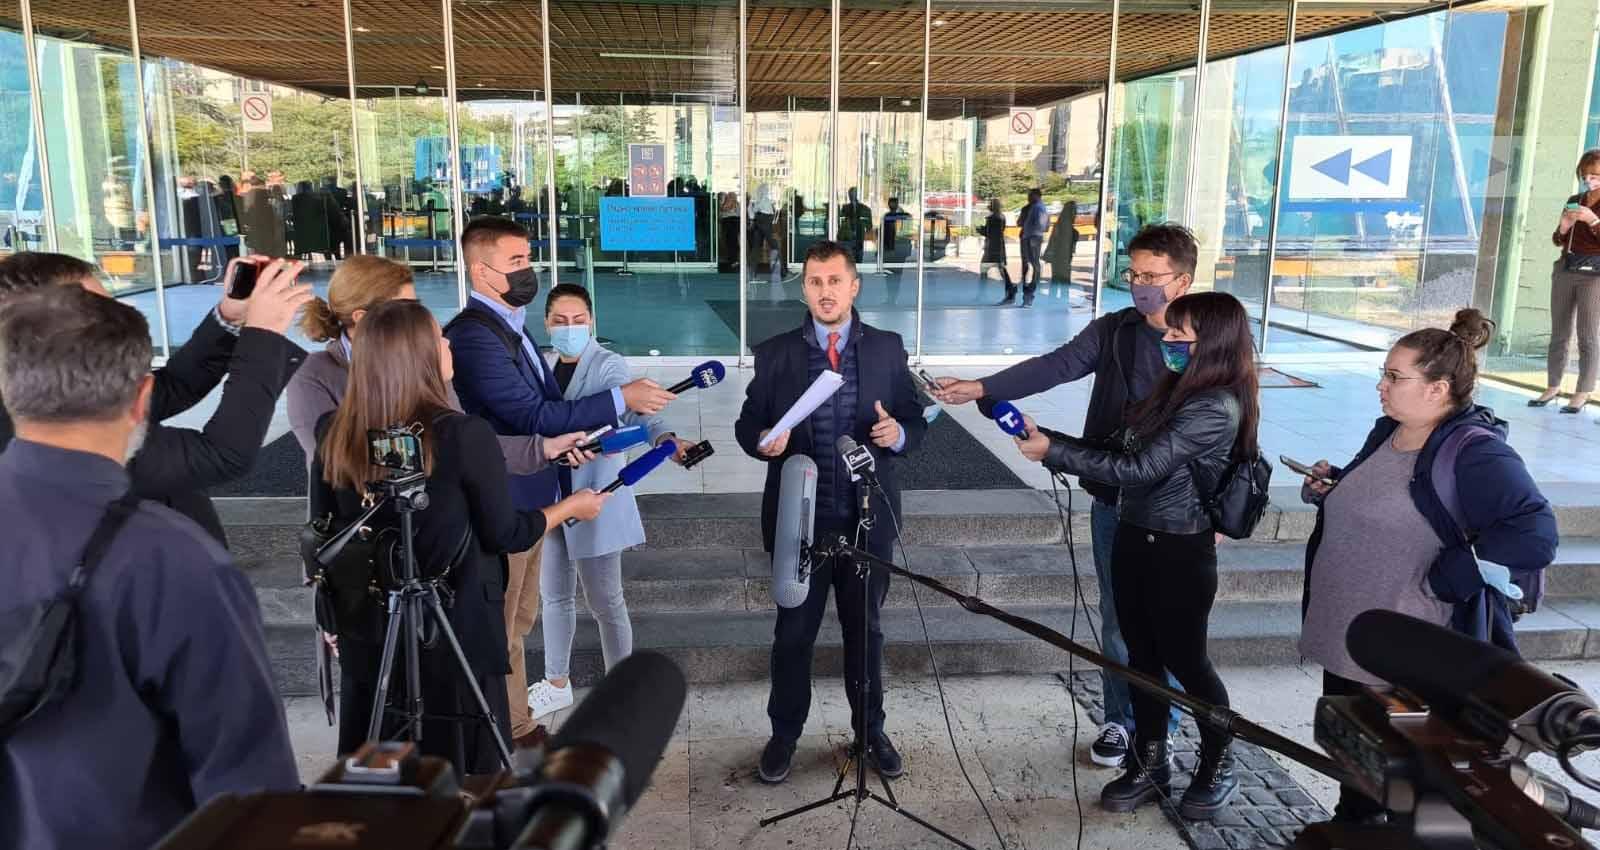 Павловић: Режим припрема велику изборну крађу, почели уцене и притисци на грађане